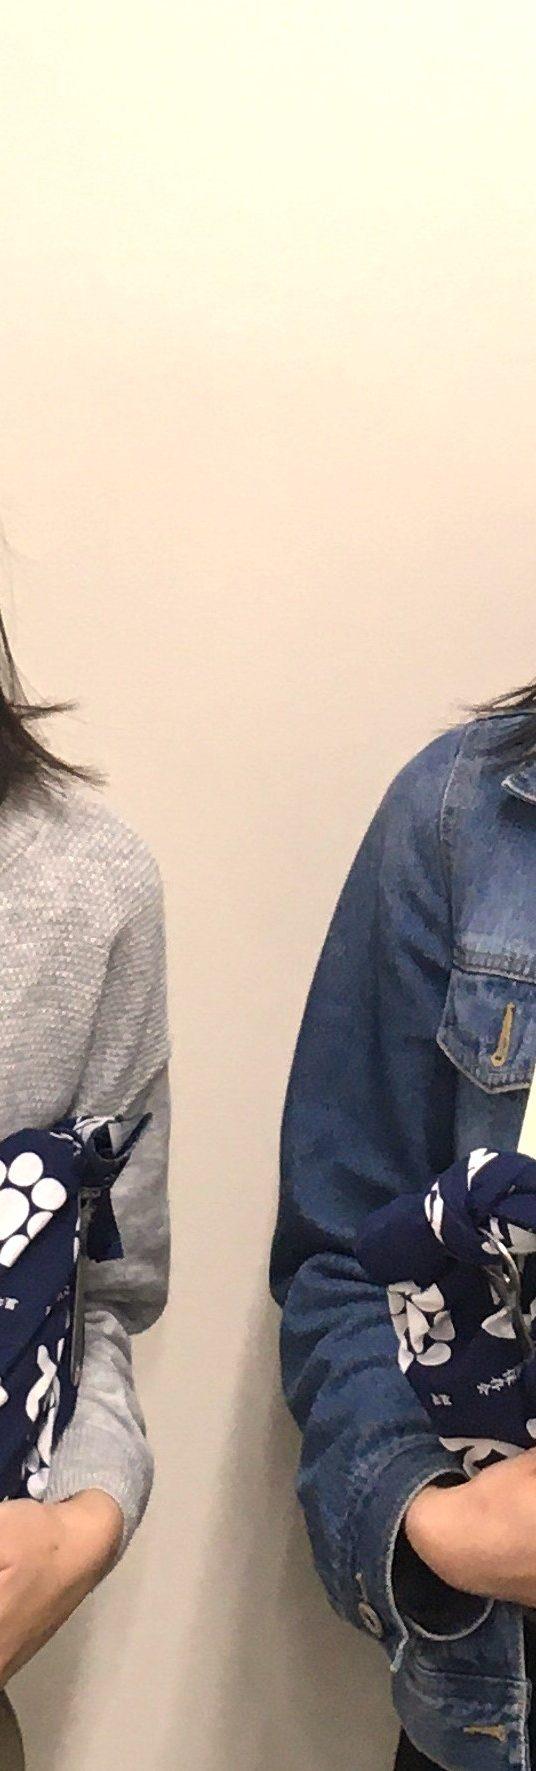 2019年11月度TG賞紹介、副賞は八戸製氷冷蔵株式会社の「みしまサイダーえんぶりセット」